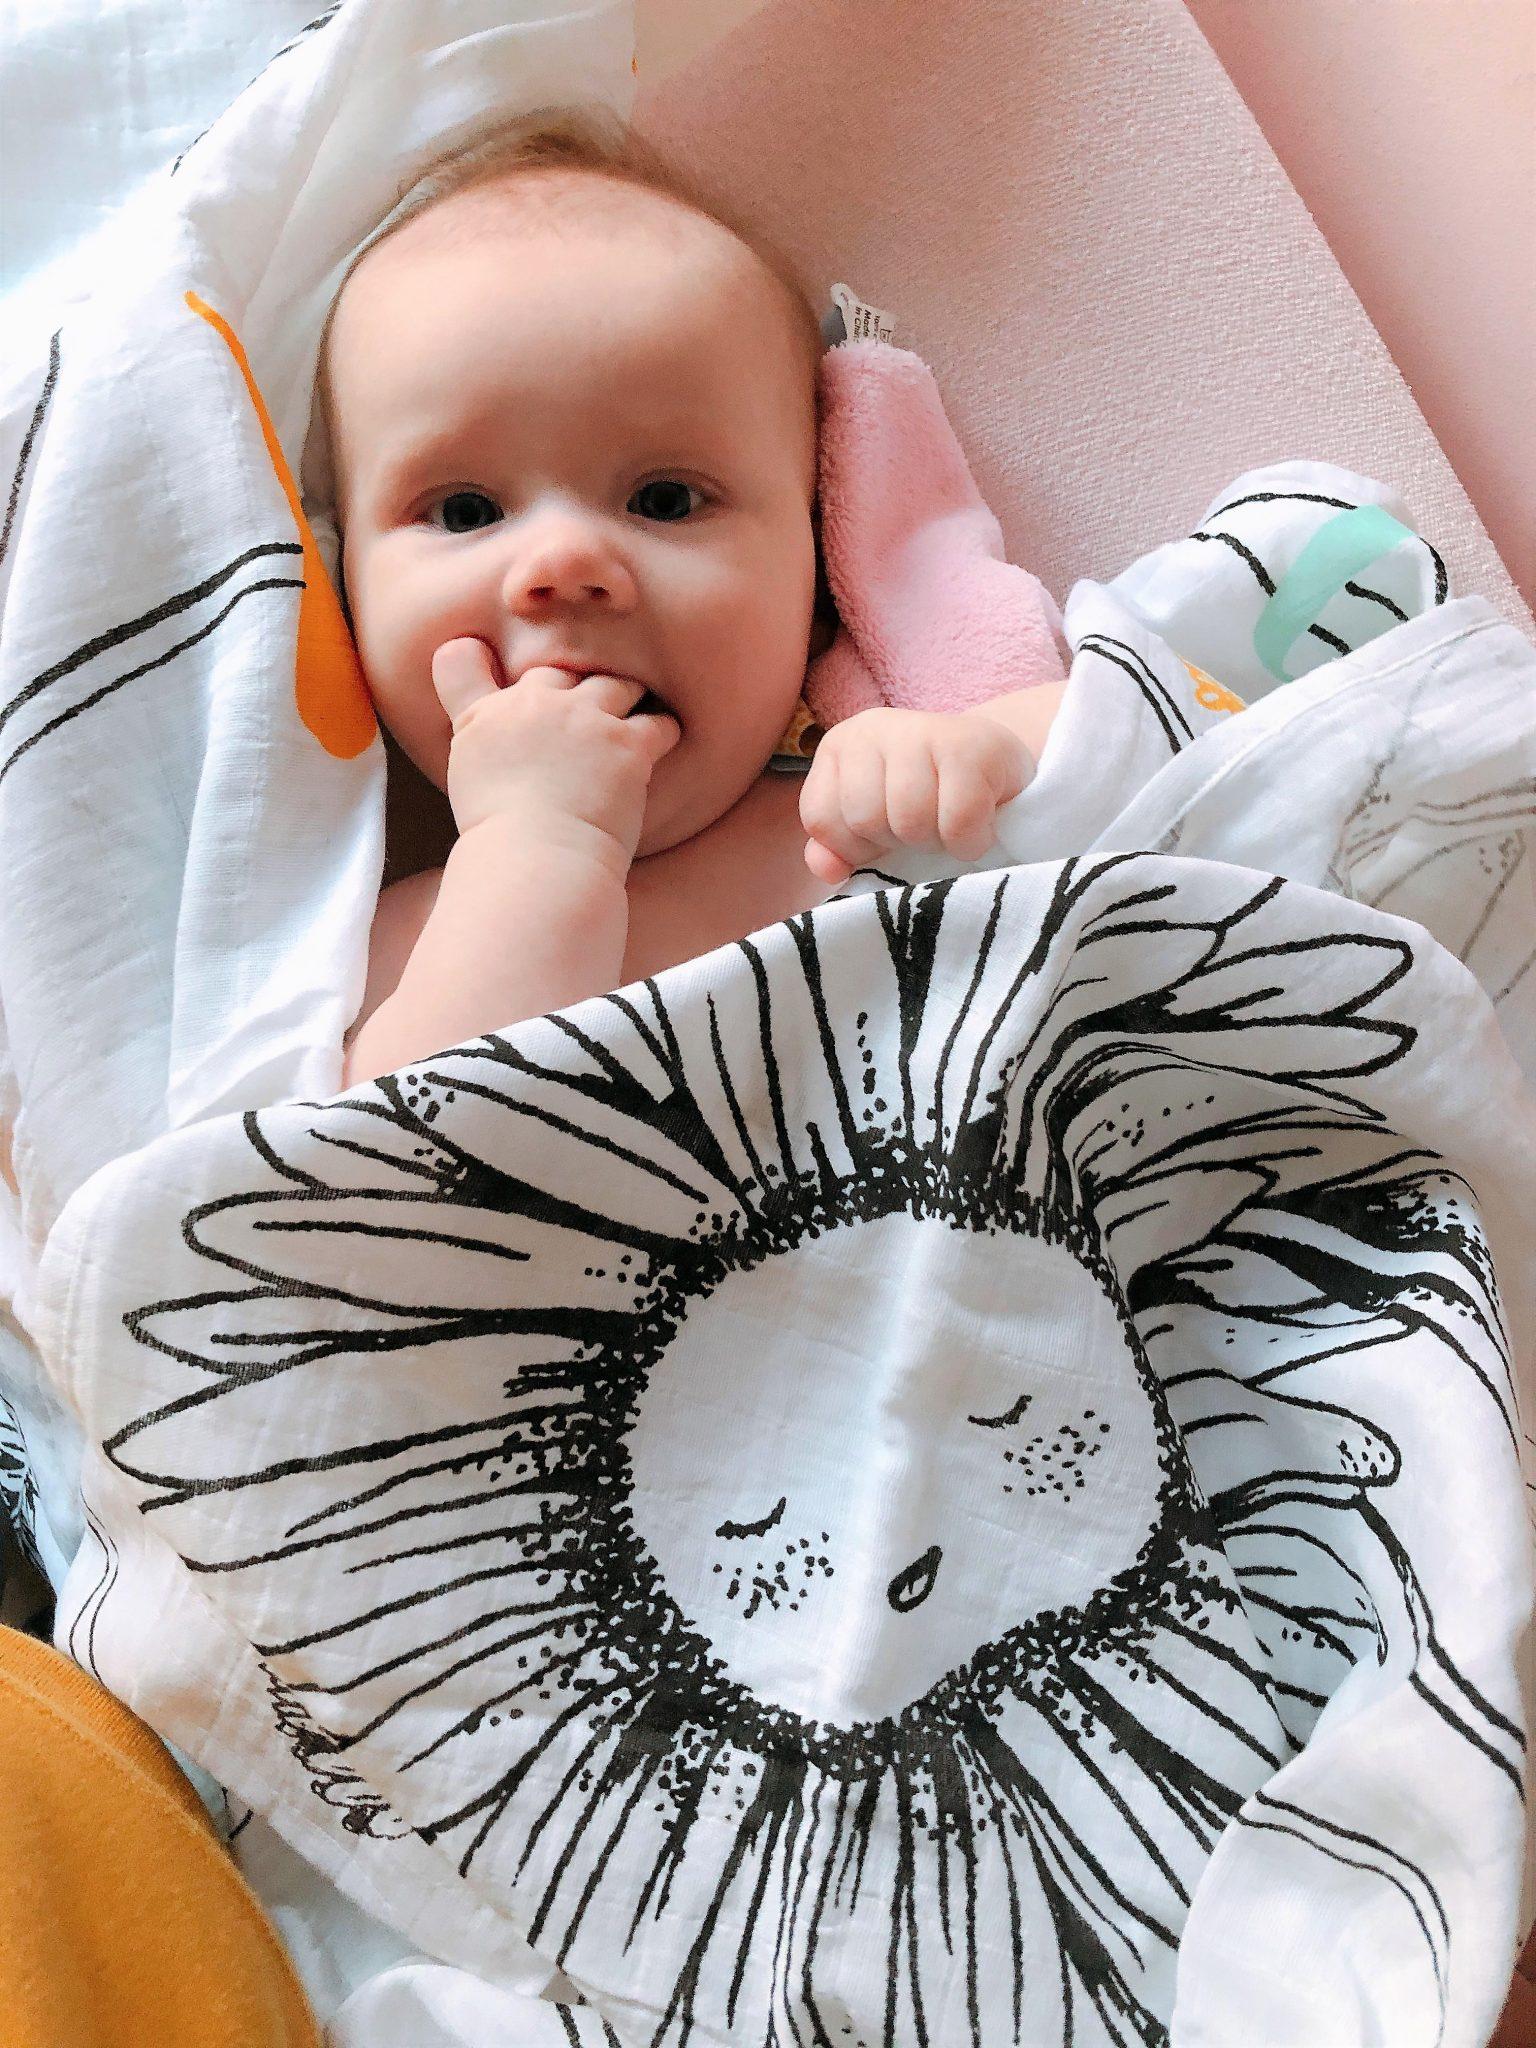 IMG 3949 4032x3024 1 - Elise's Weekly Pictorama - Genieten van de herfst!